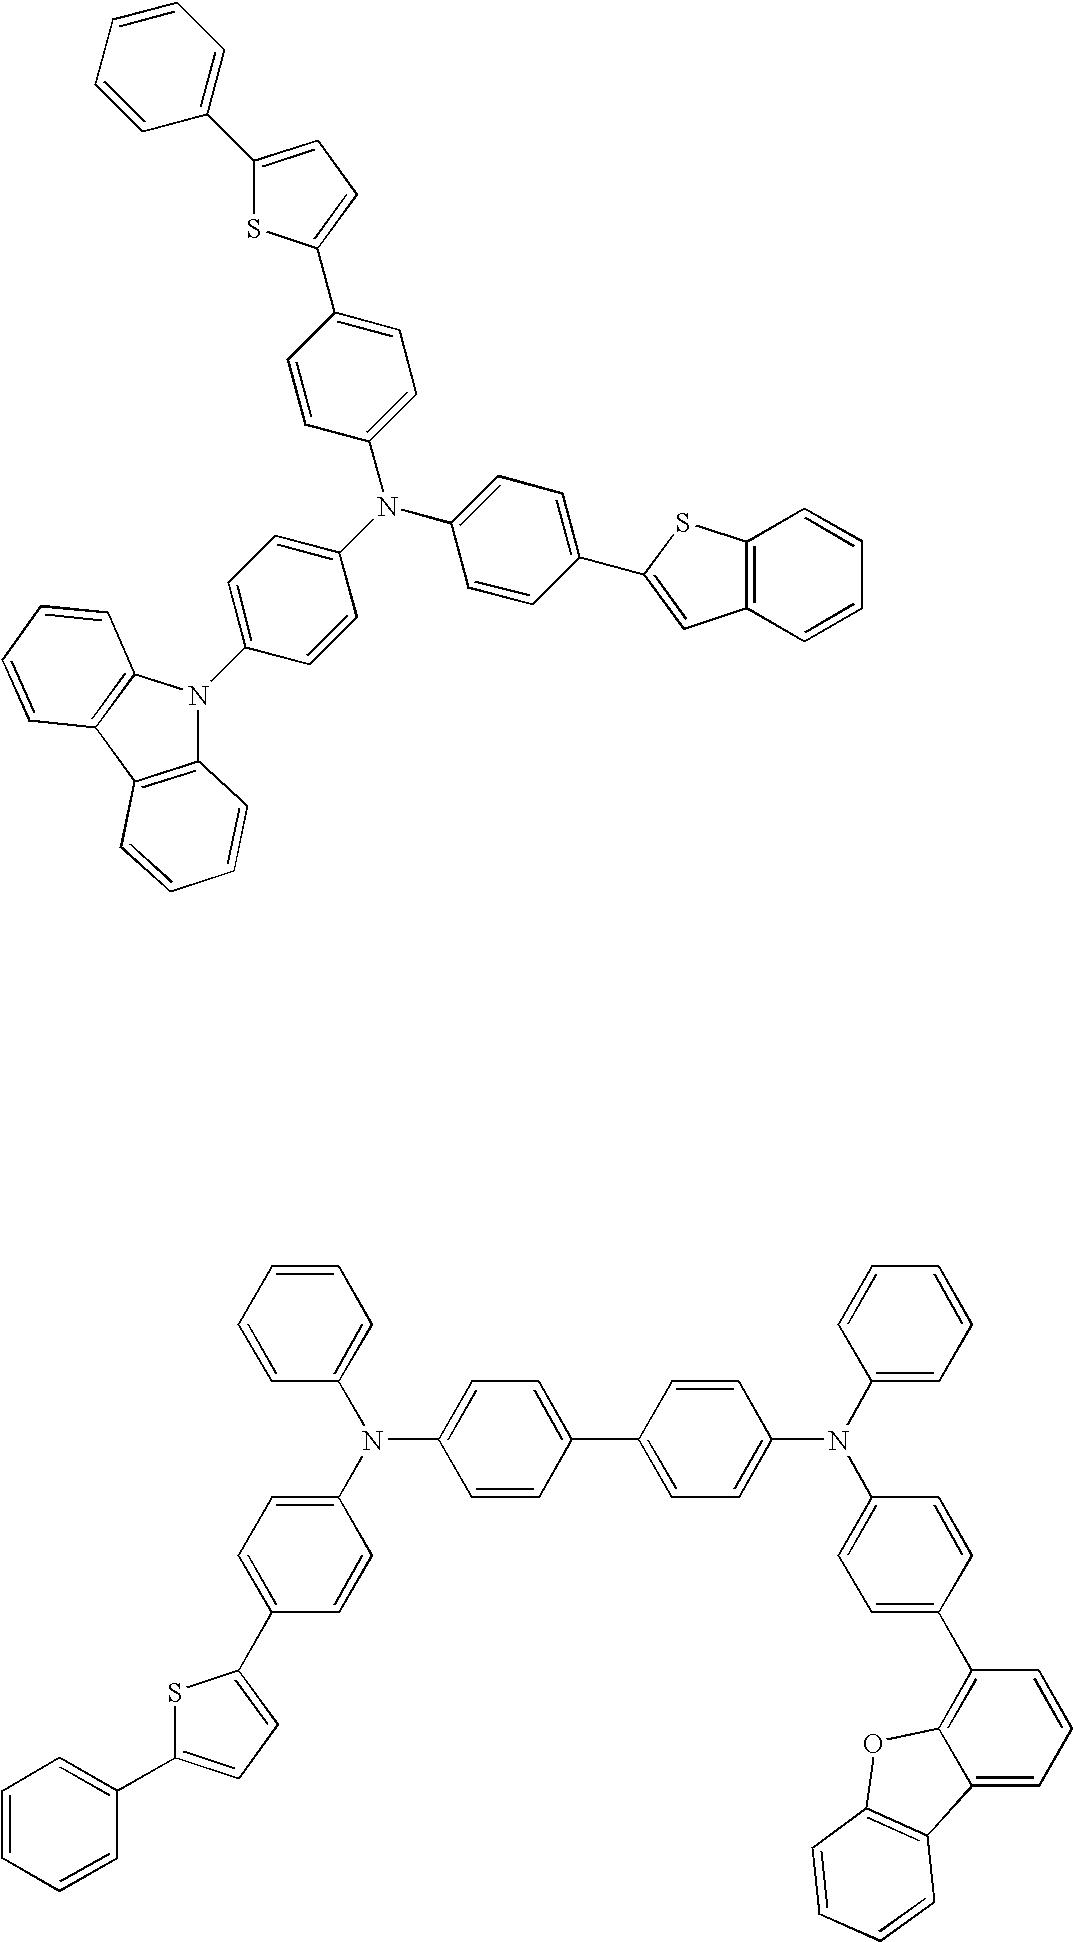 Figure US20090066235A1-20090312-C00021